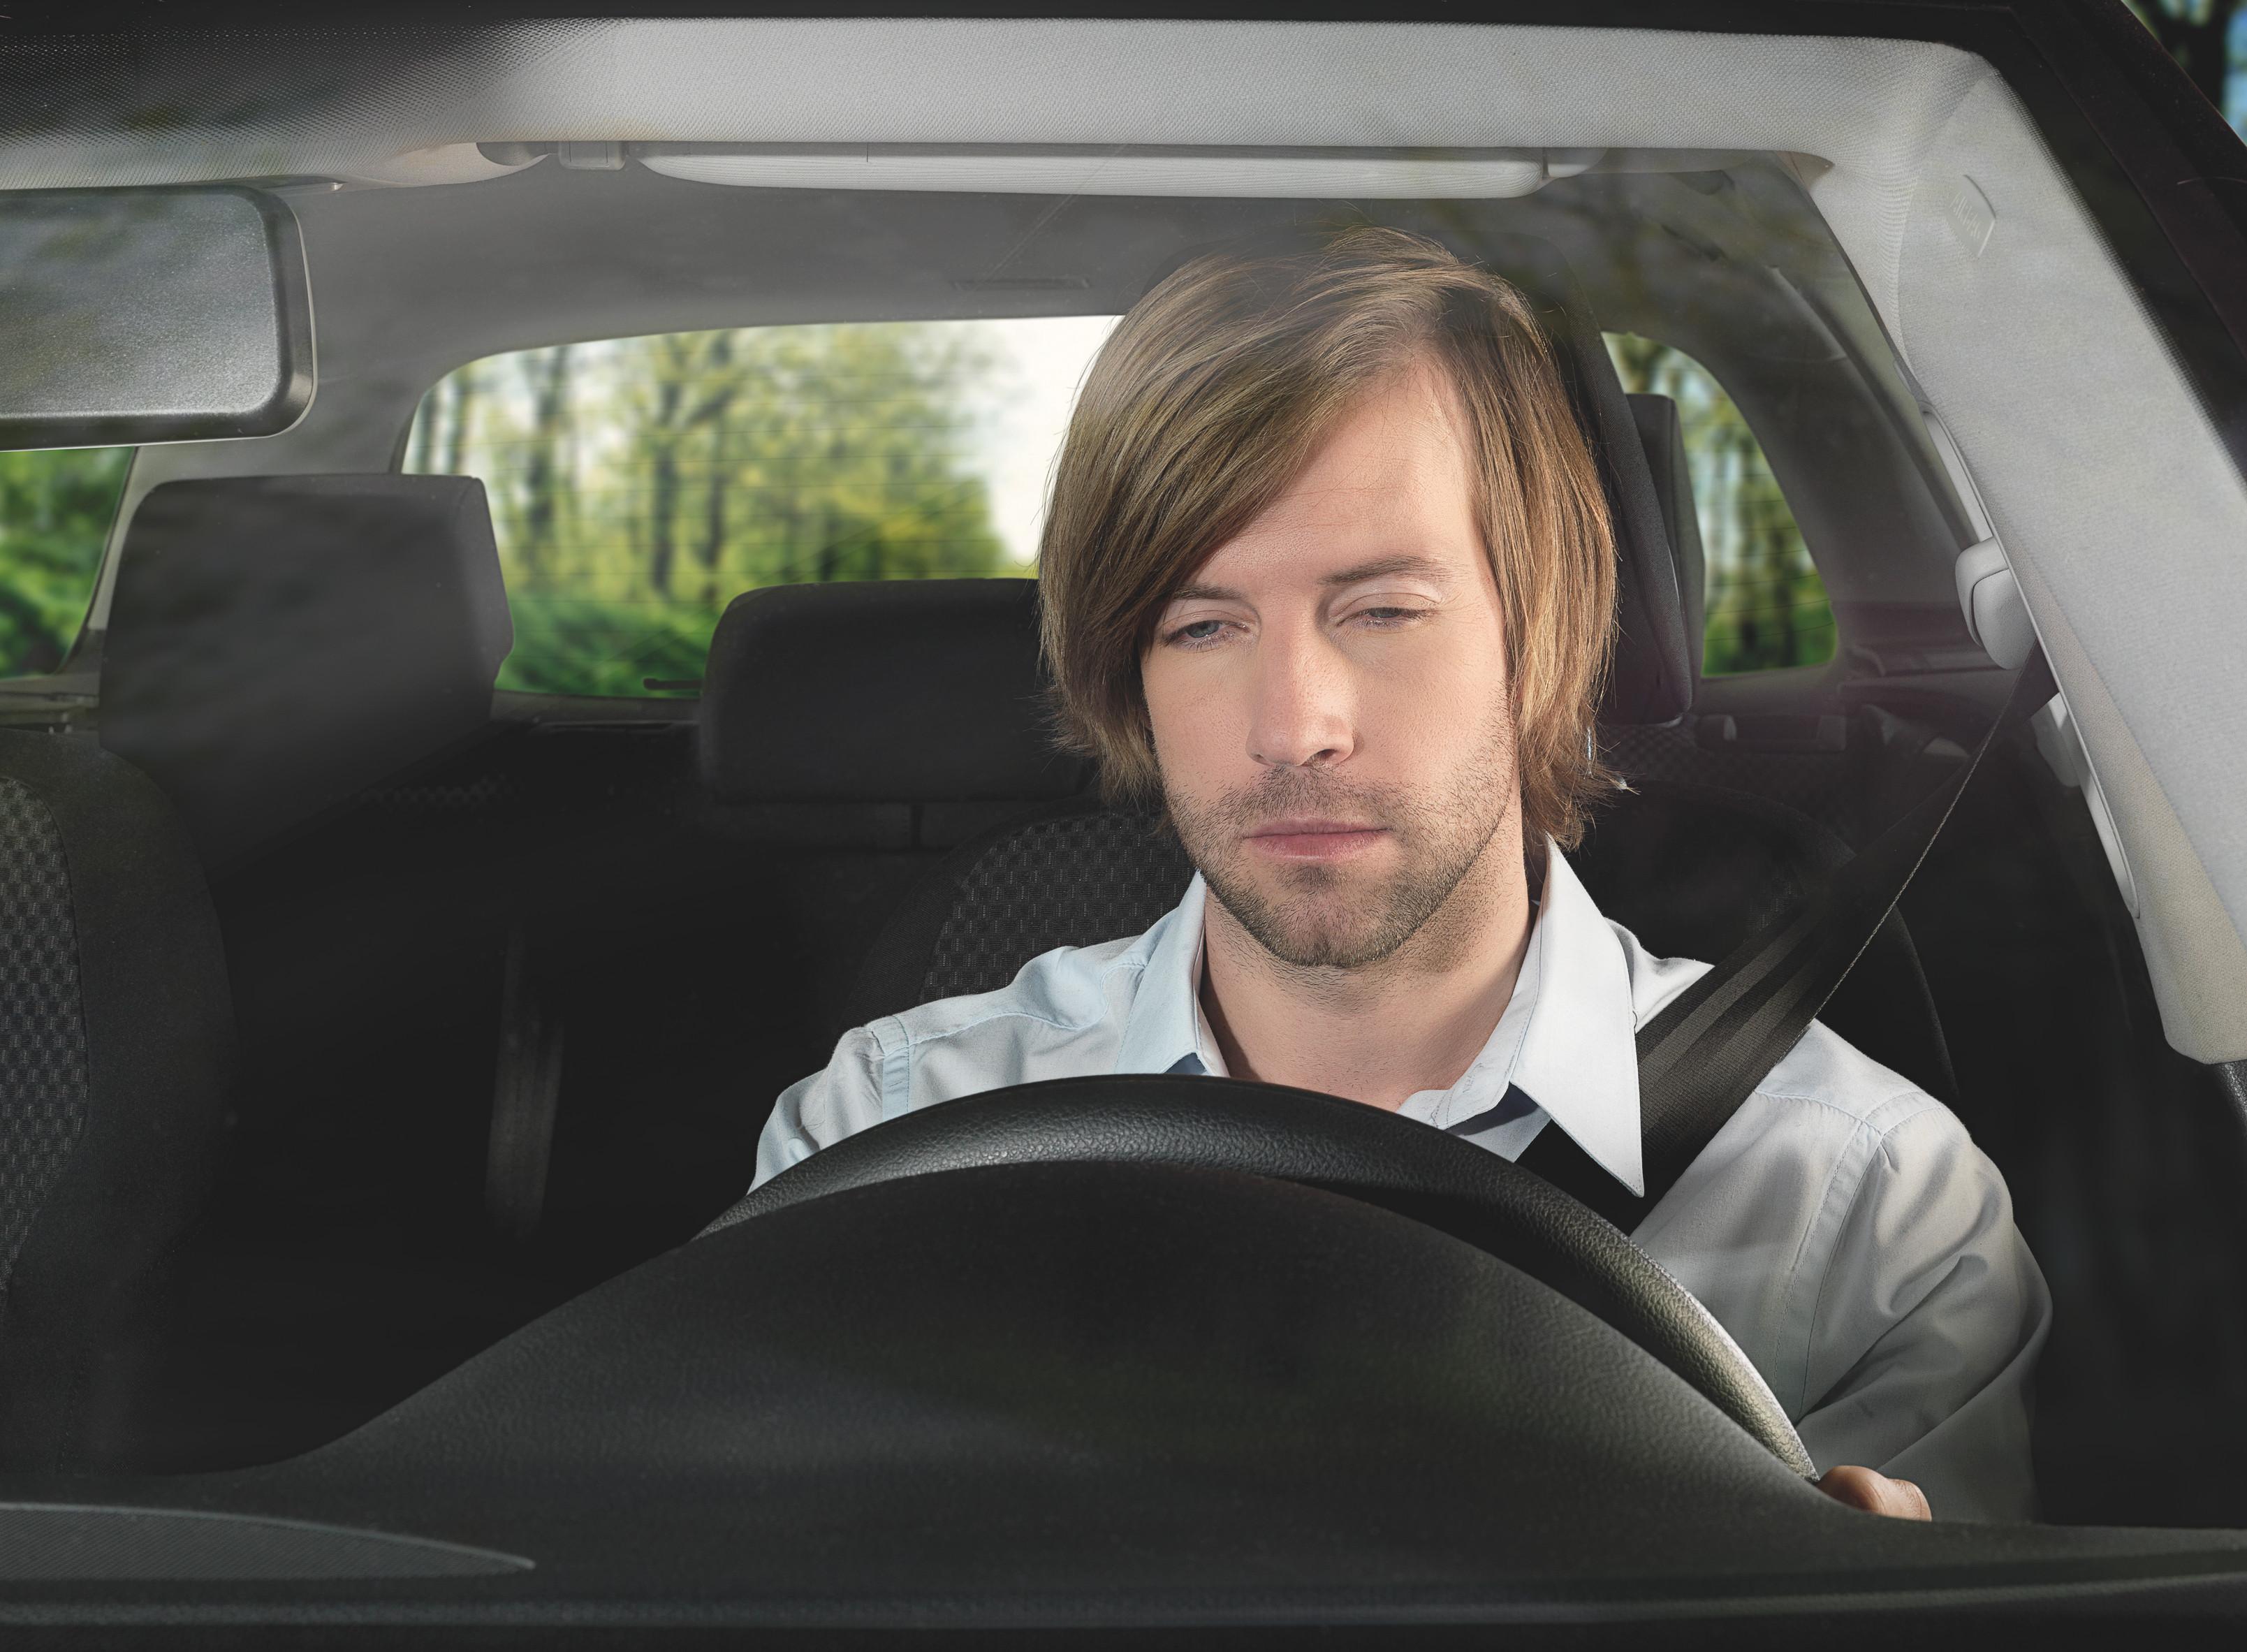 Fahrerüberwachung - Warnung bei Müdigkeit